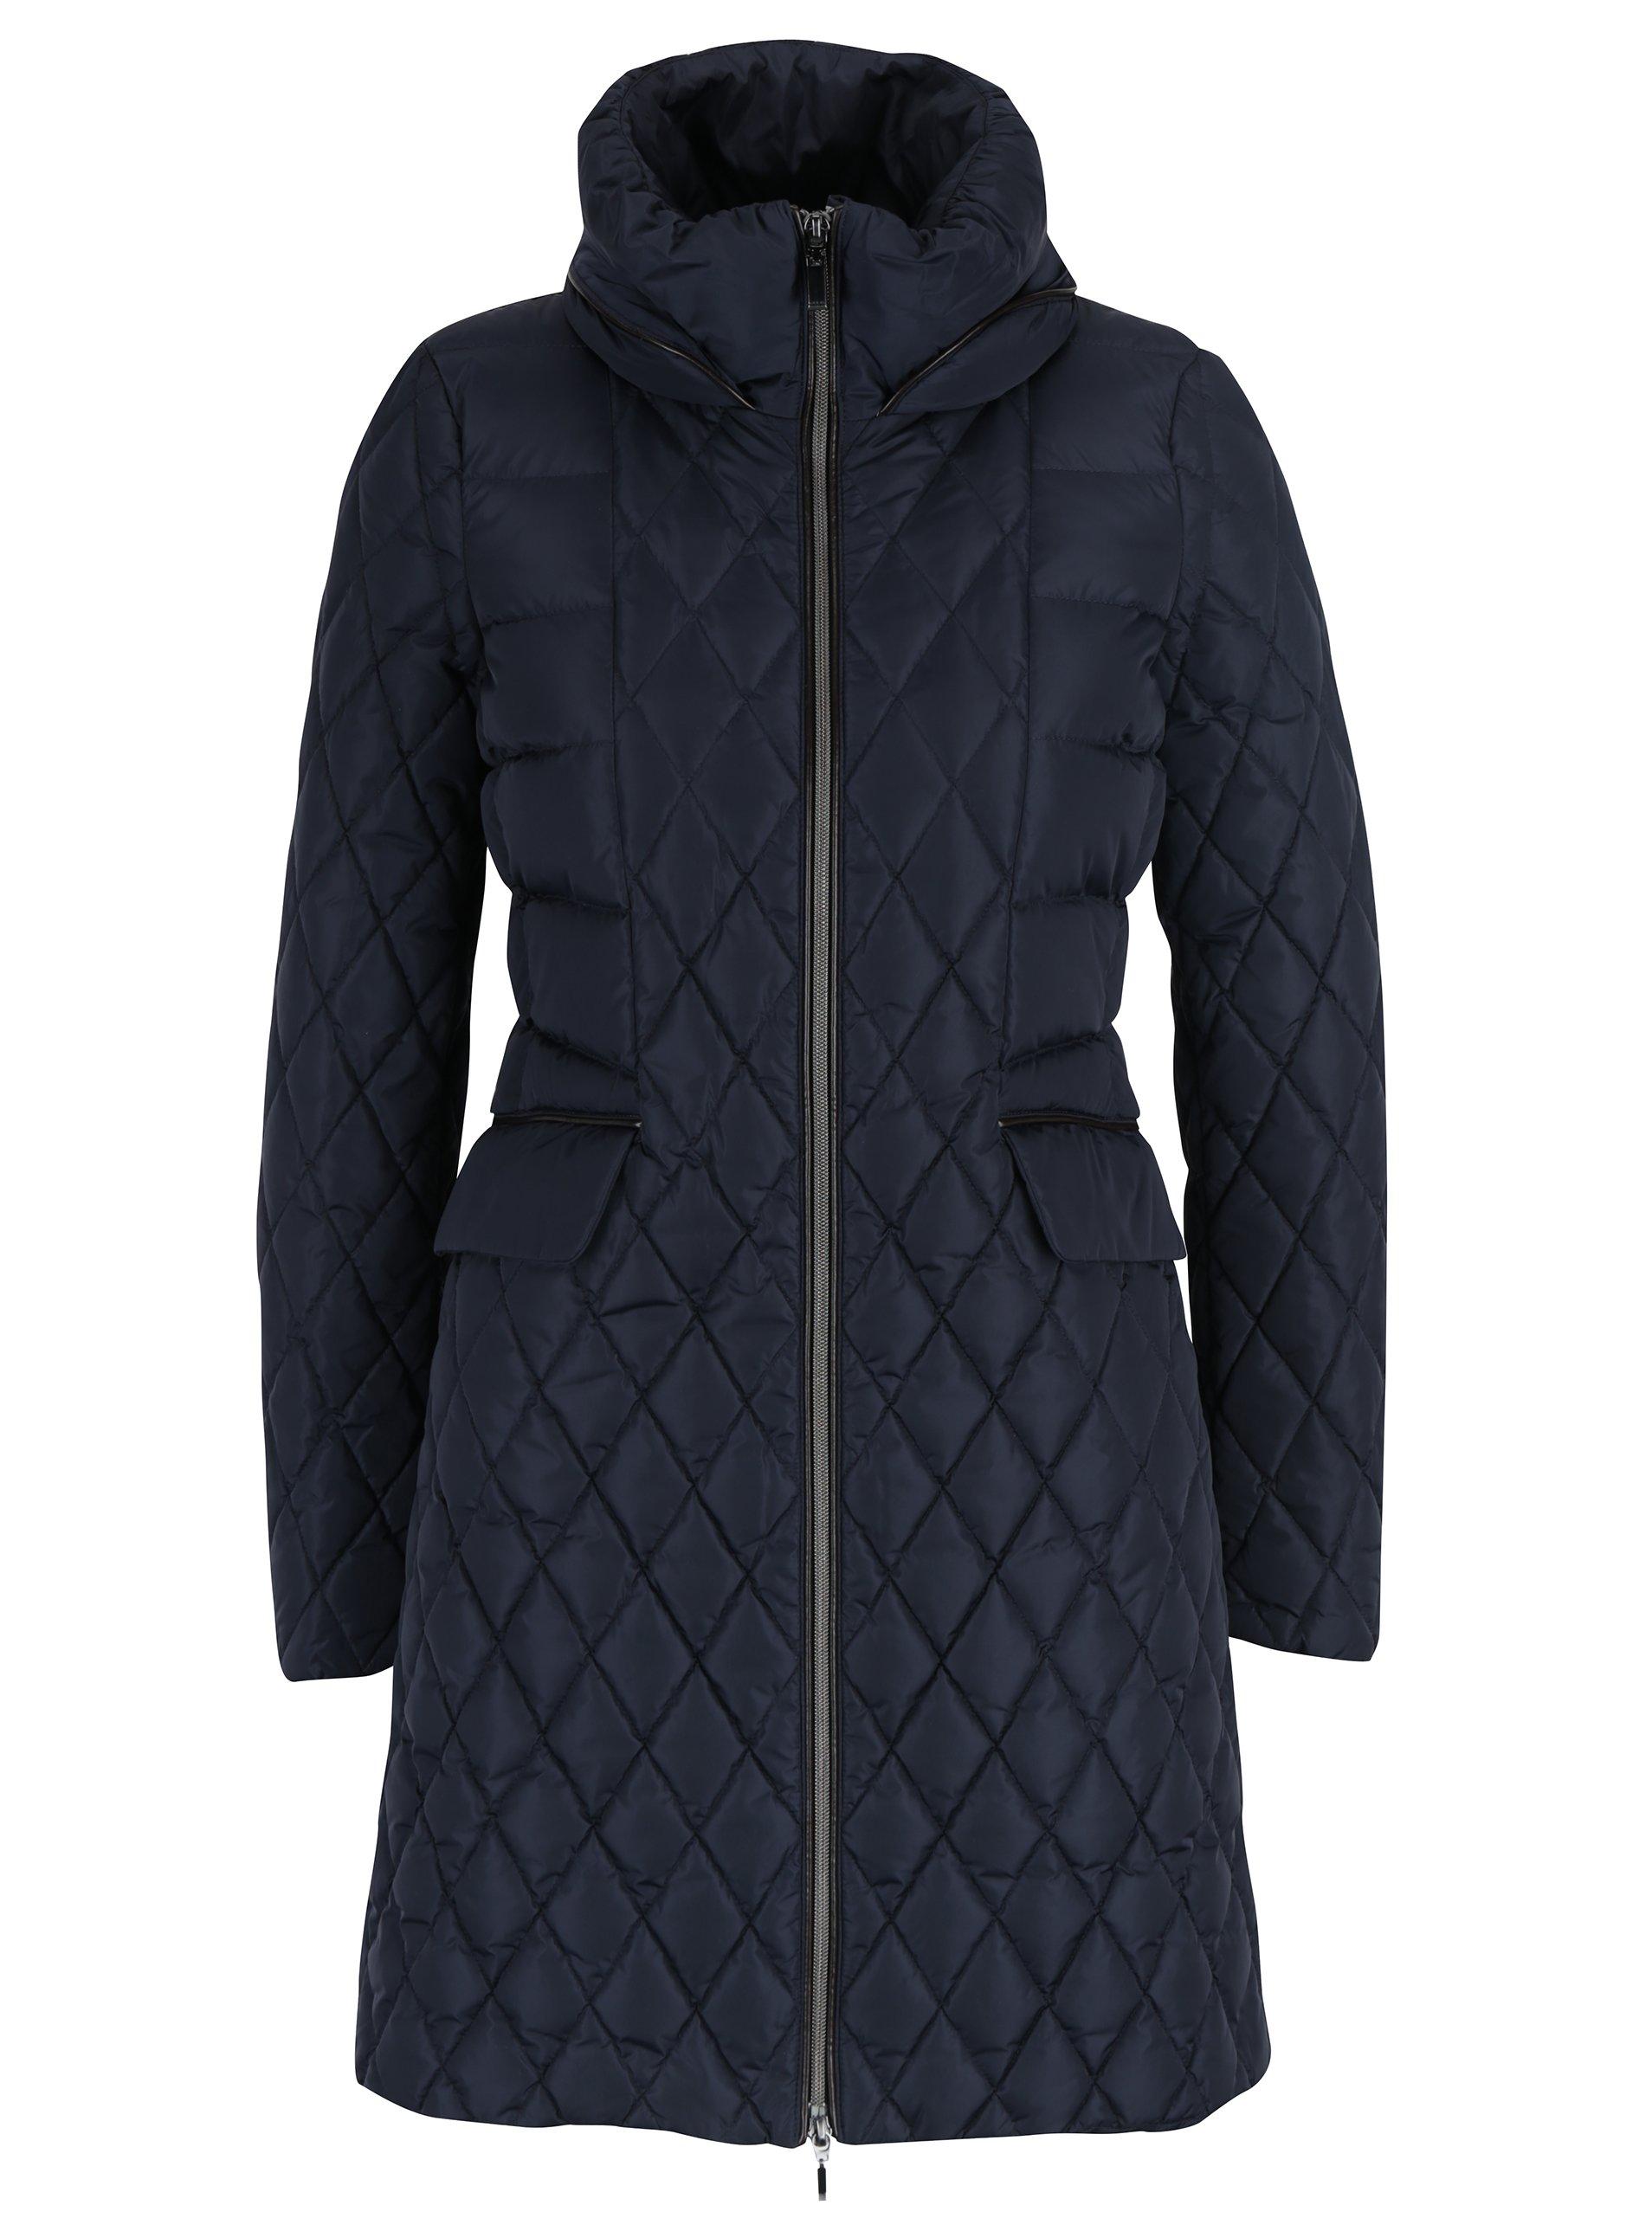 Tmavě modrý dámský prošívaný kabát se skrytou kapucí Geox